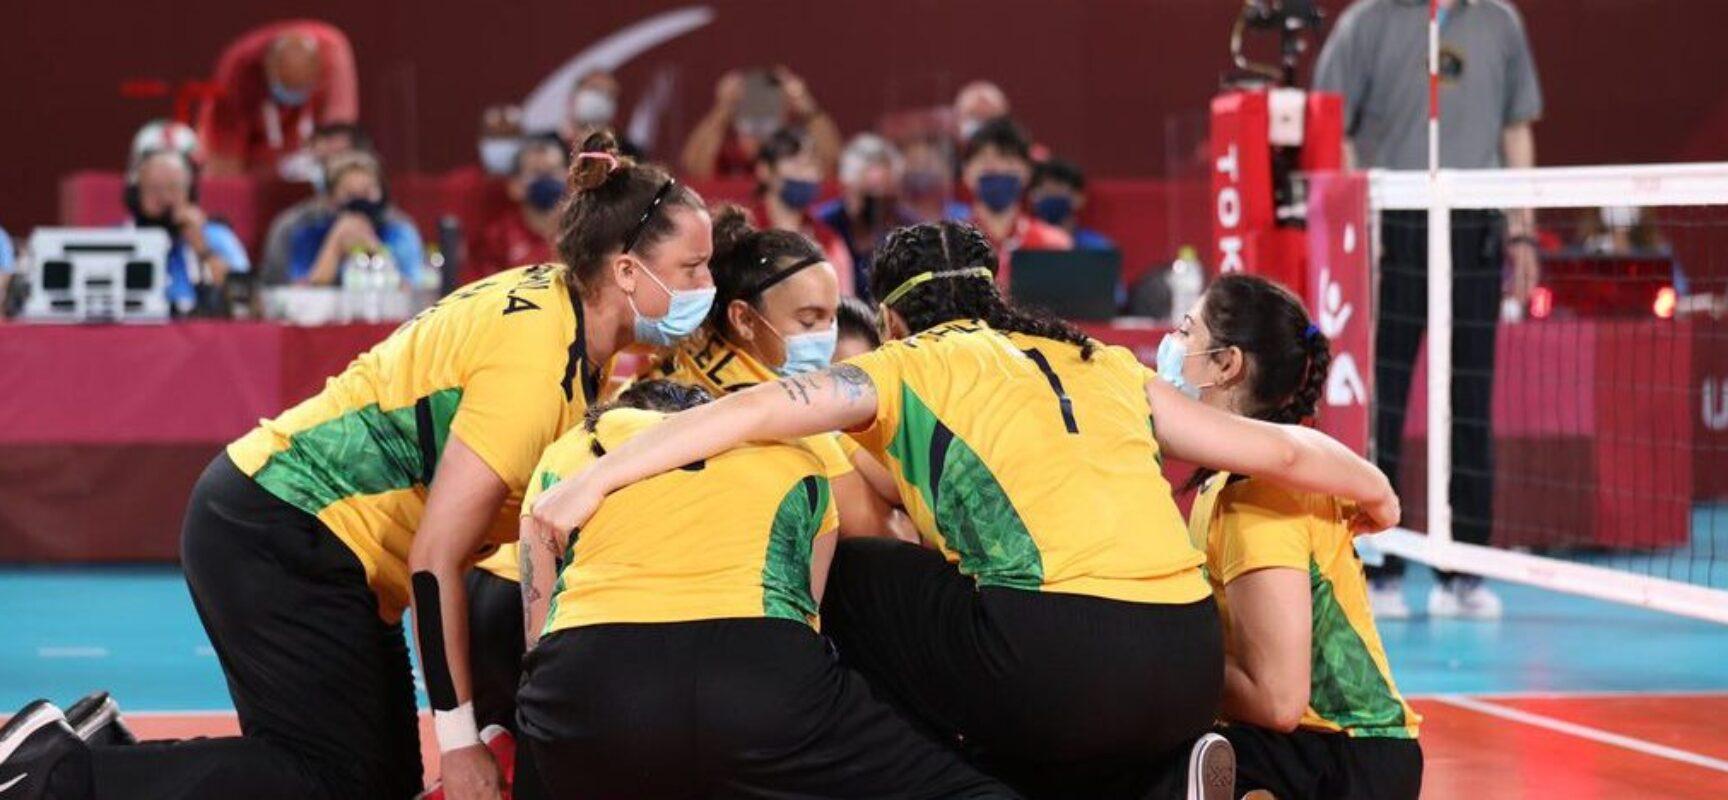 Paralimpíada: vôlei feminino brasileiro estreia com vitória em Tóquio